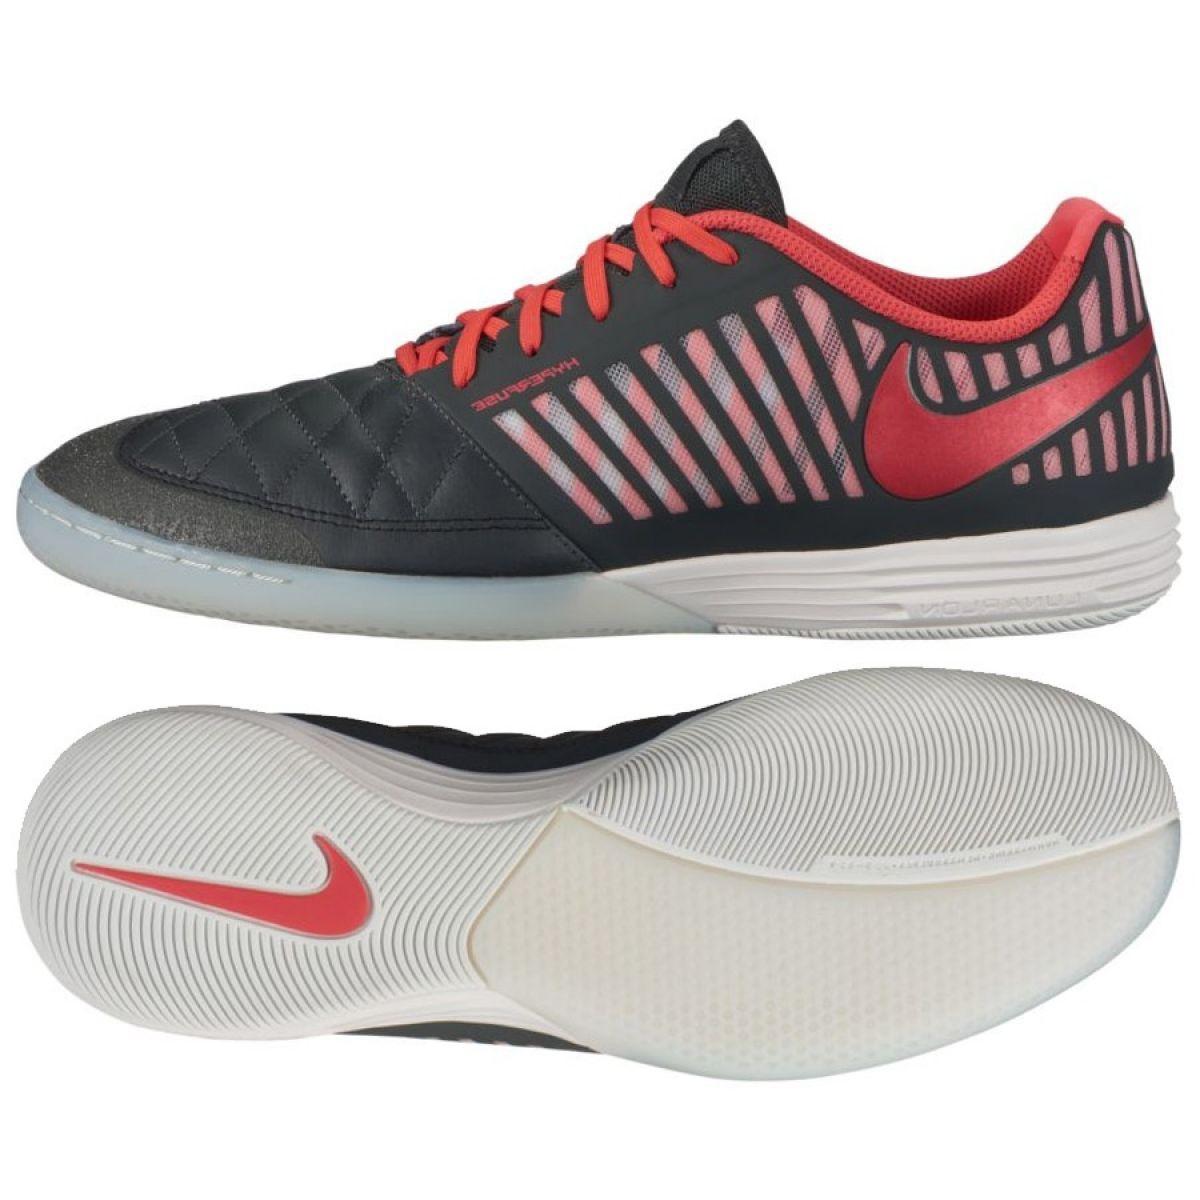 Details About Halls Shoes Nike Lunargato Ii Ic M 580456 080 Show Original Title